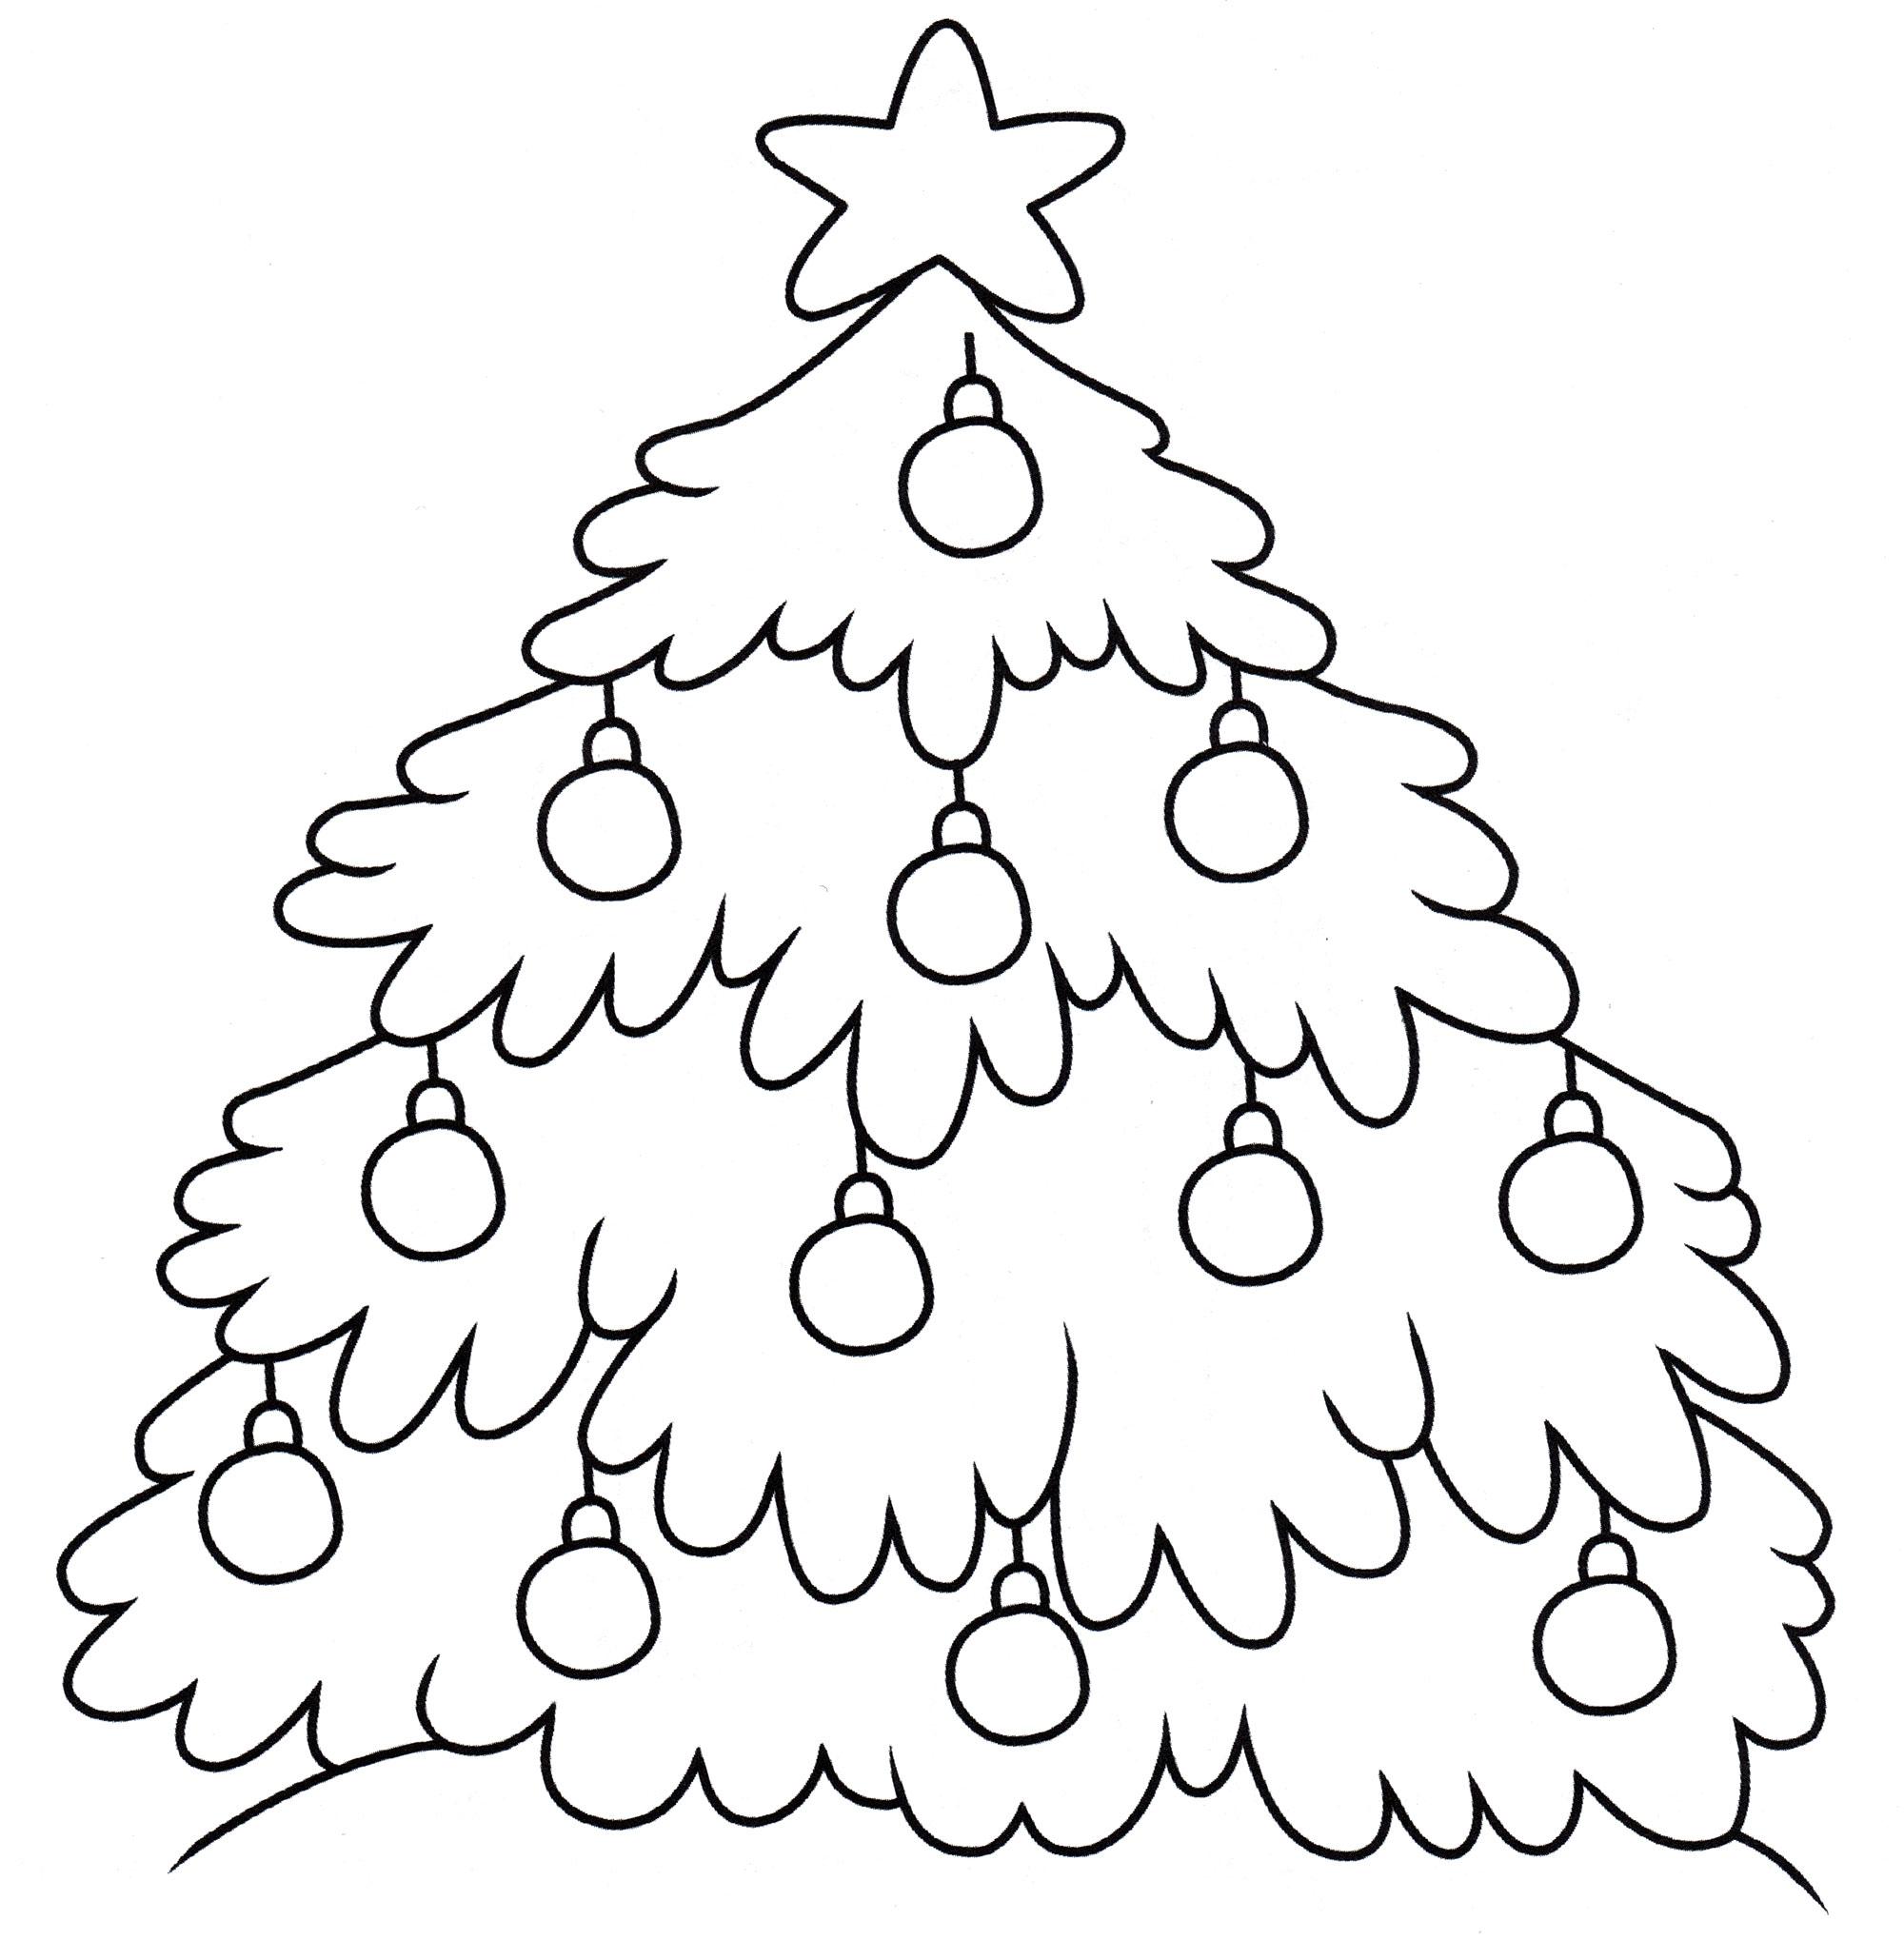 Раскраска Праздничная елочка - распечатать бесплатно